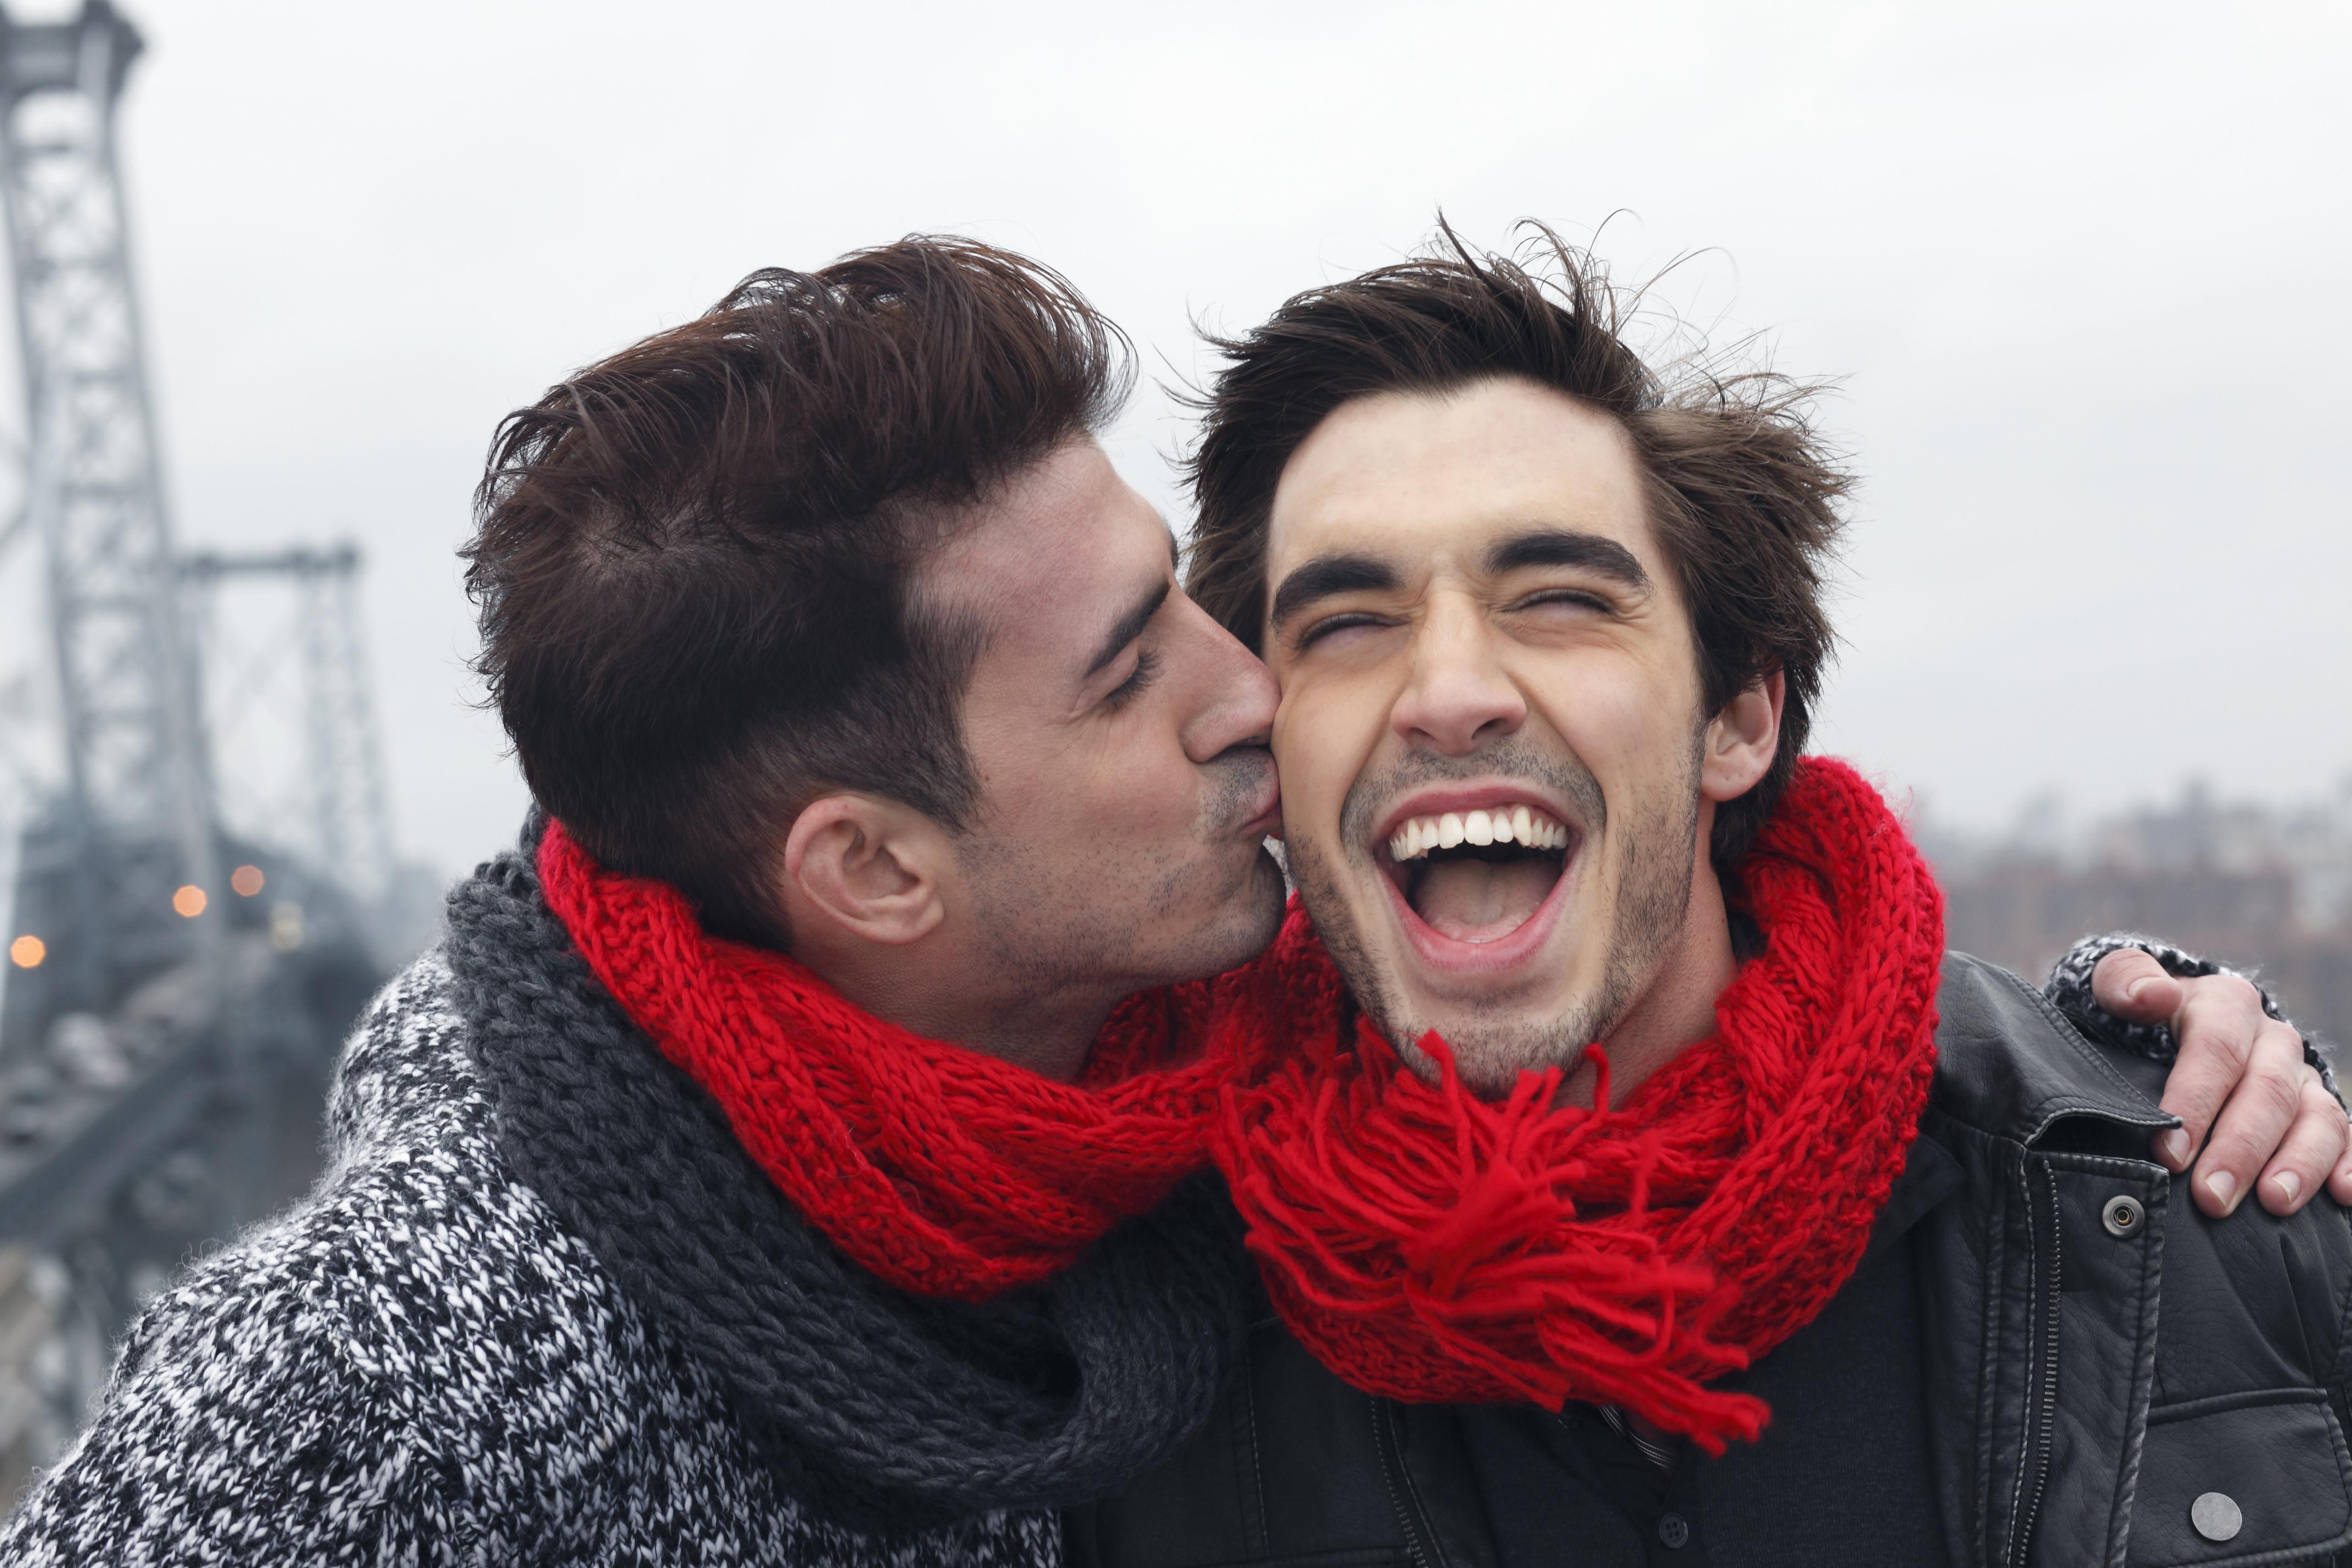 gay people